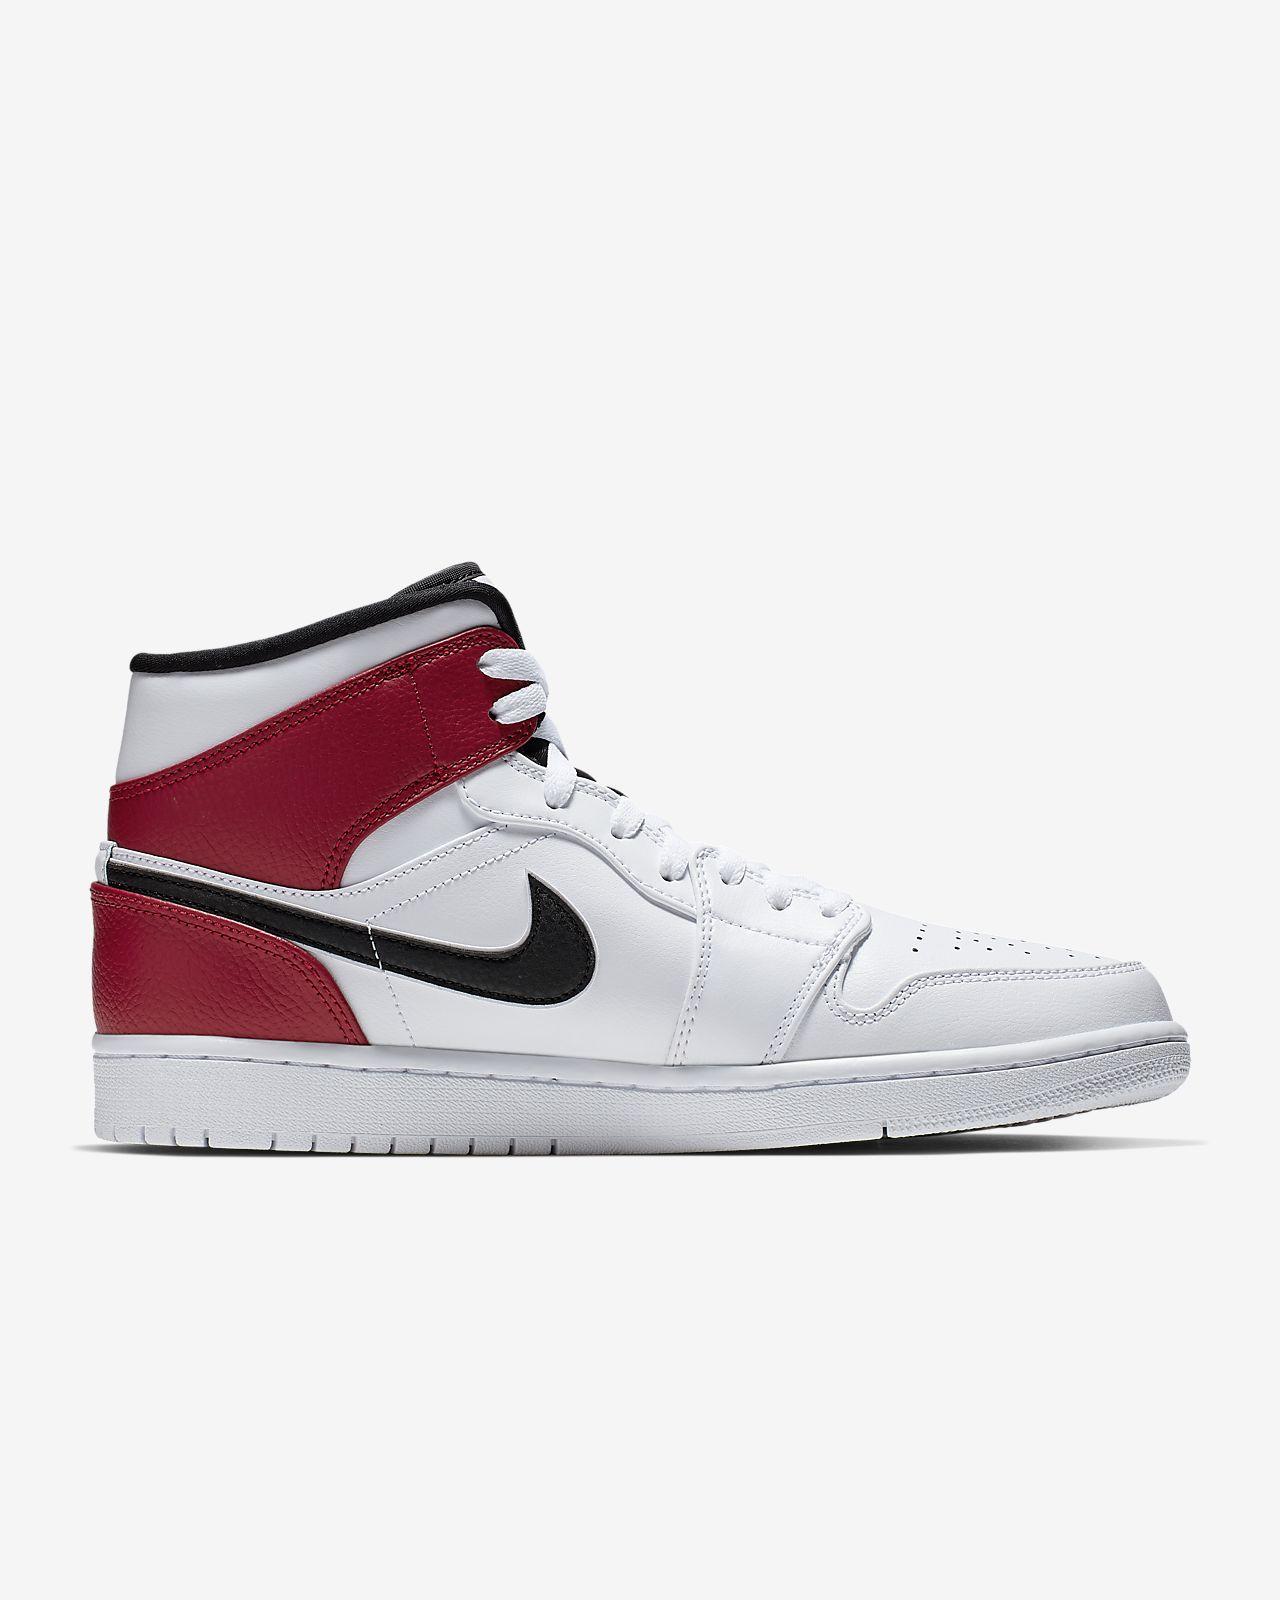 buy popular dfe25 99527 Sko Air Jordan 1 Mid för män. Nike.com SE